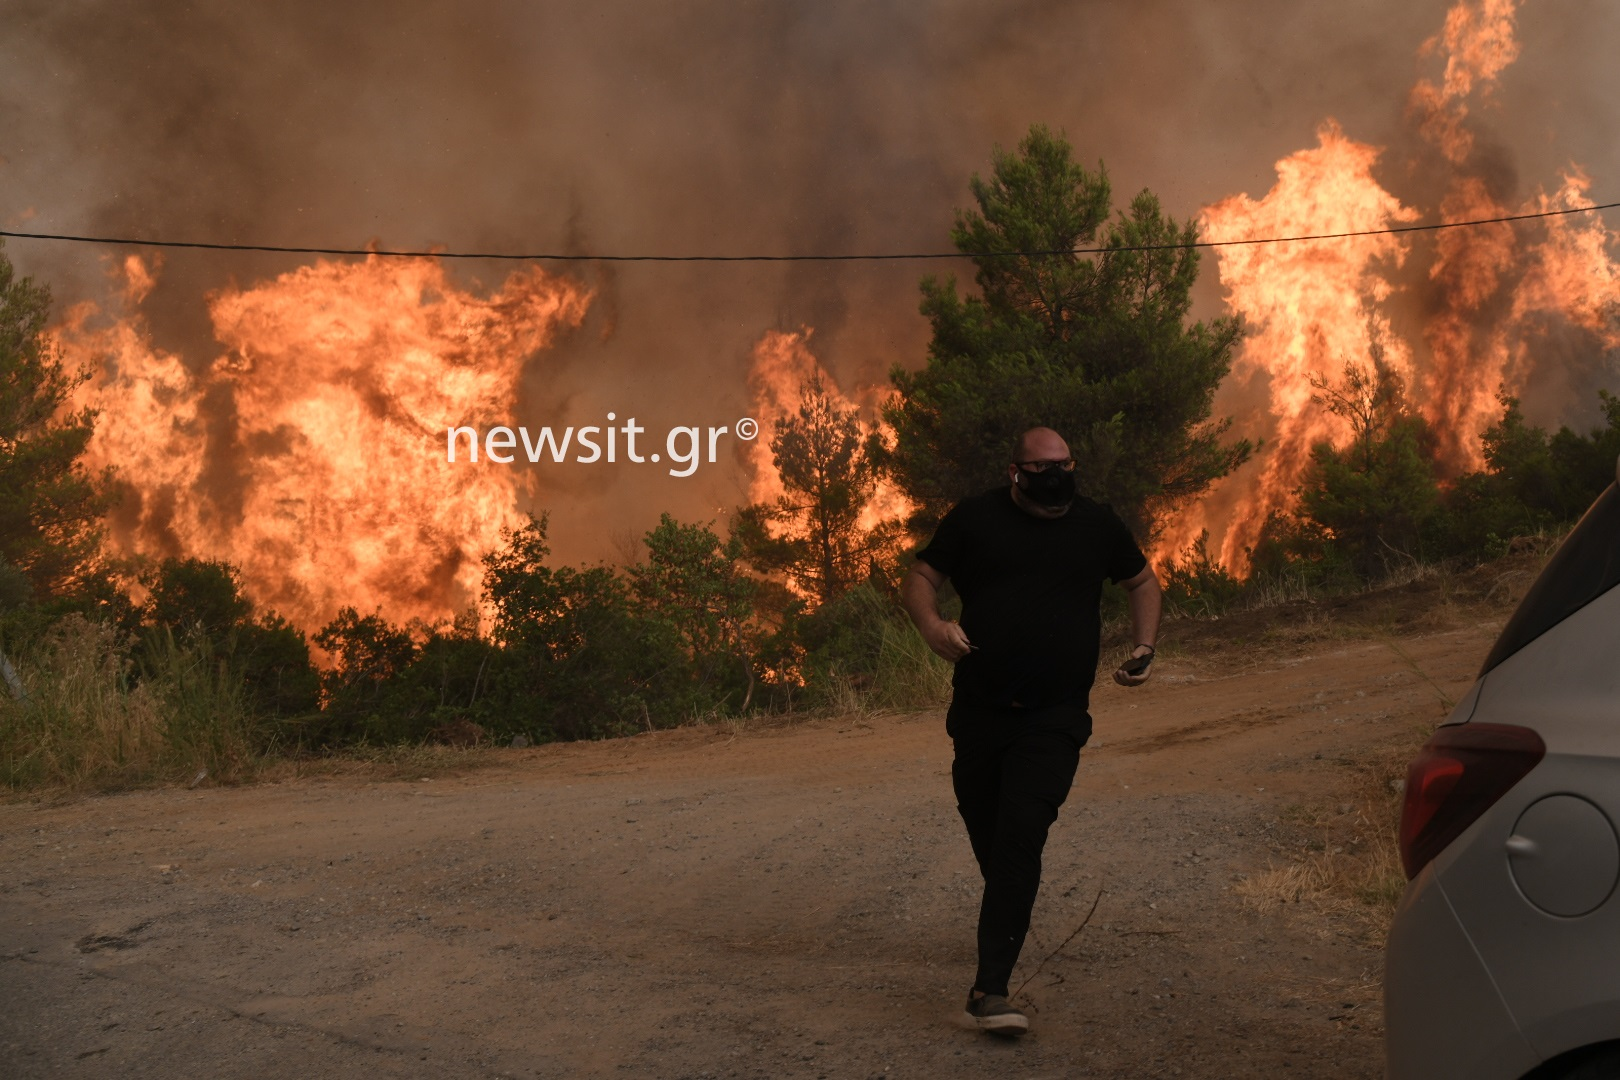 Φωτιά στην Εύβοια: Νέα μεγάλη αναζωπύρωση ανάμεσα σε Γαλατσώνα και Αβγαριά